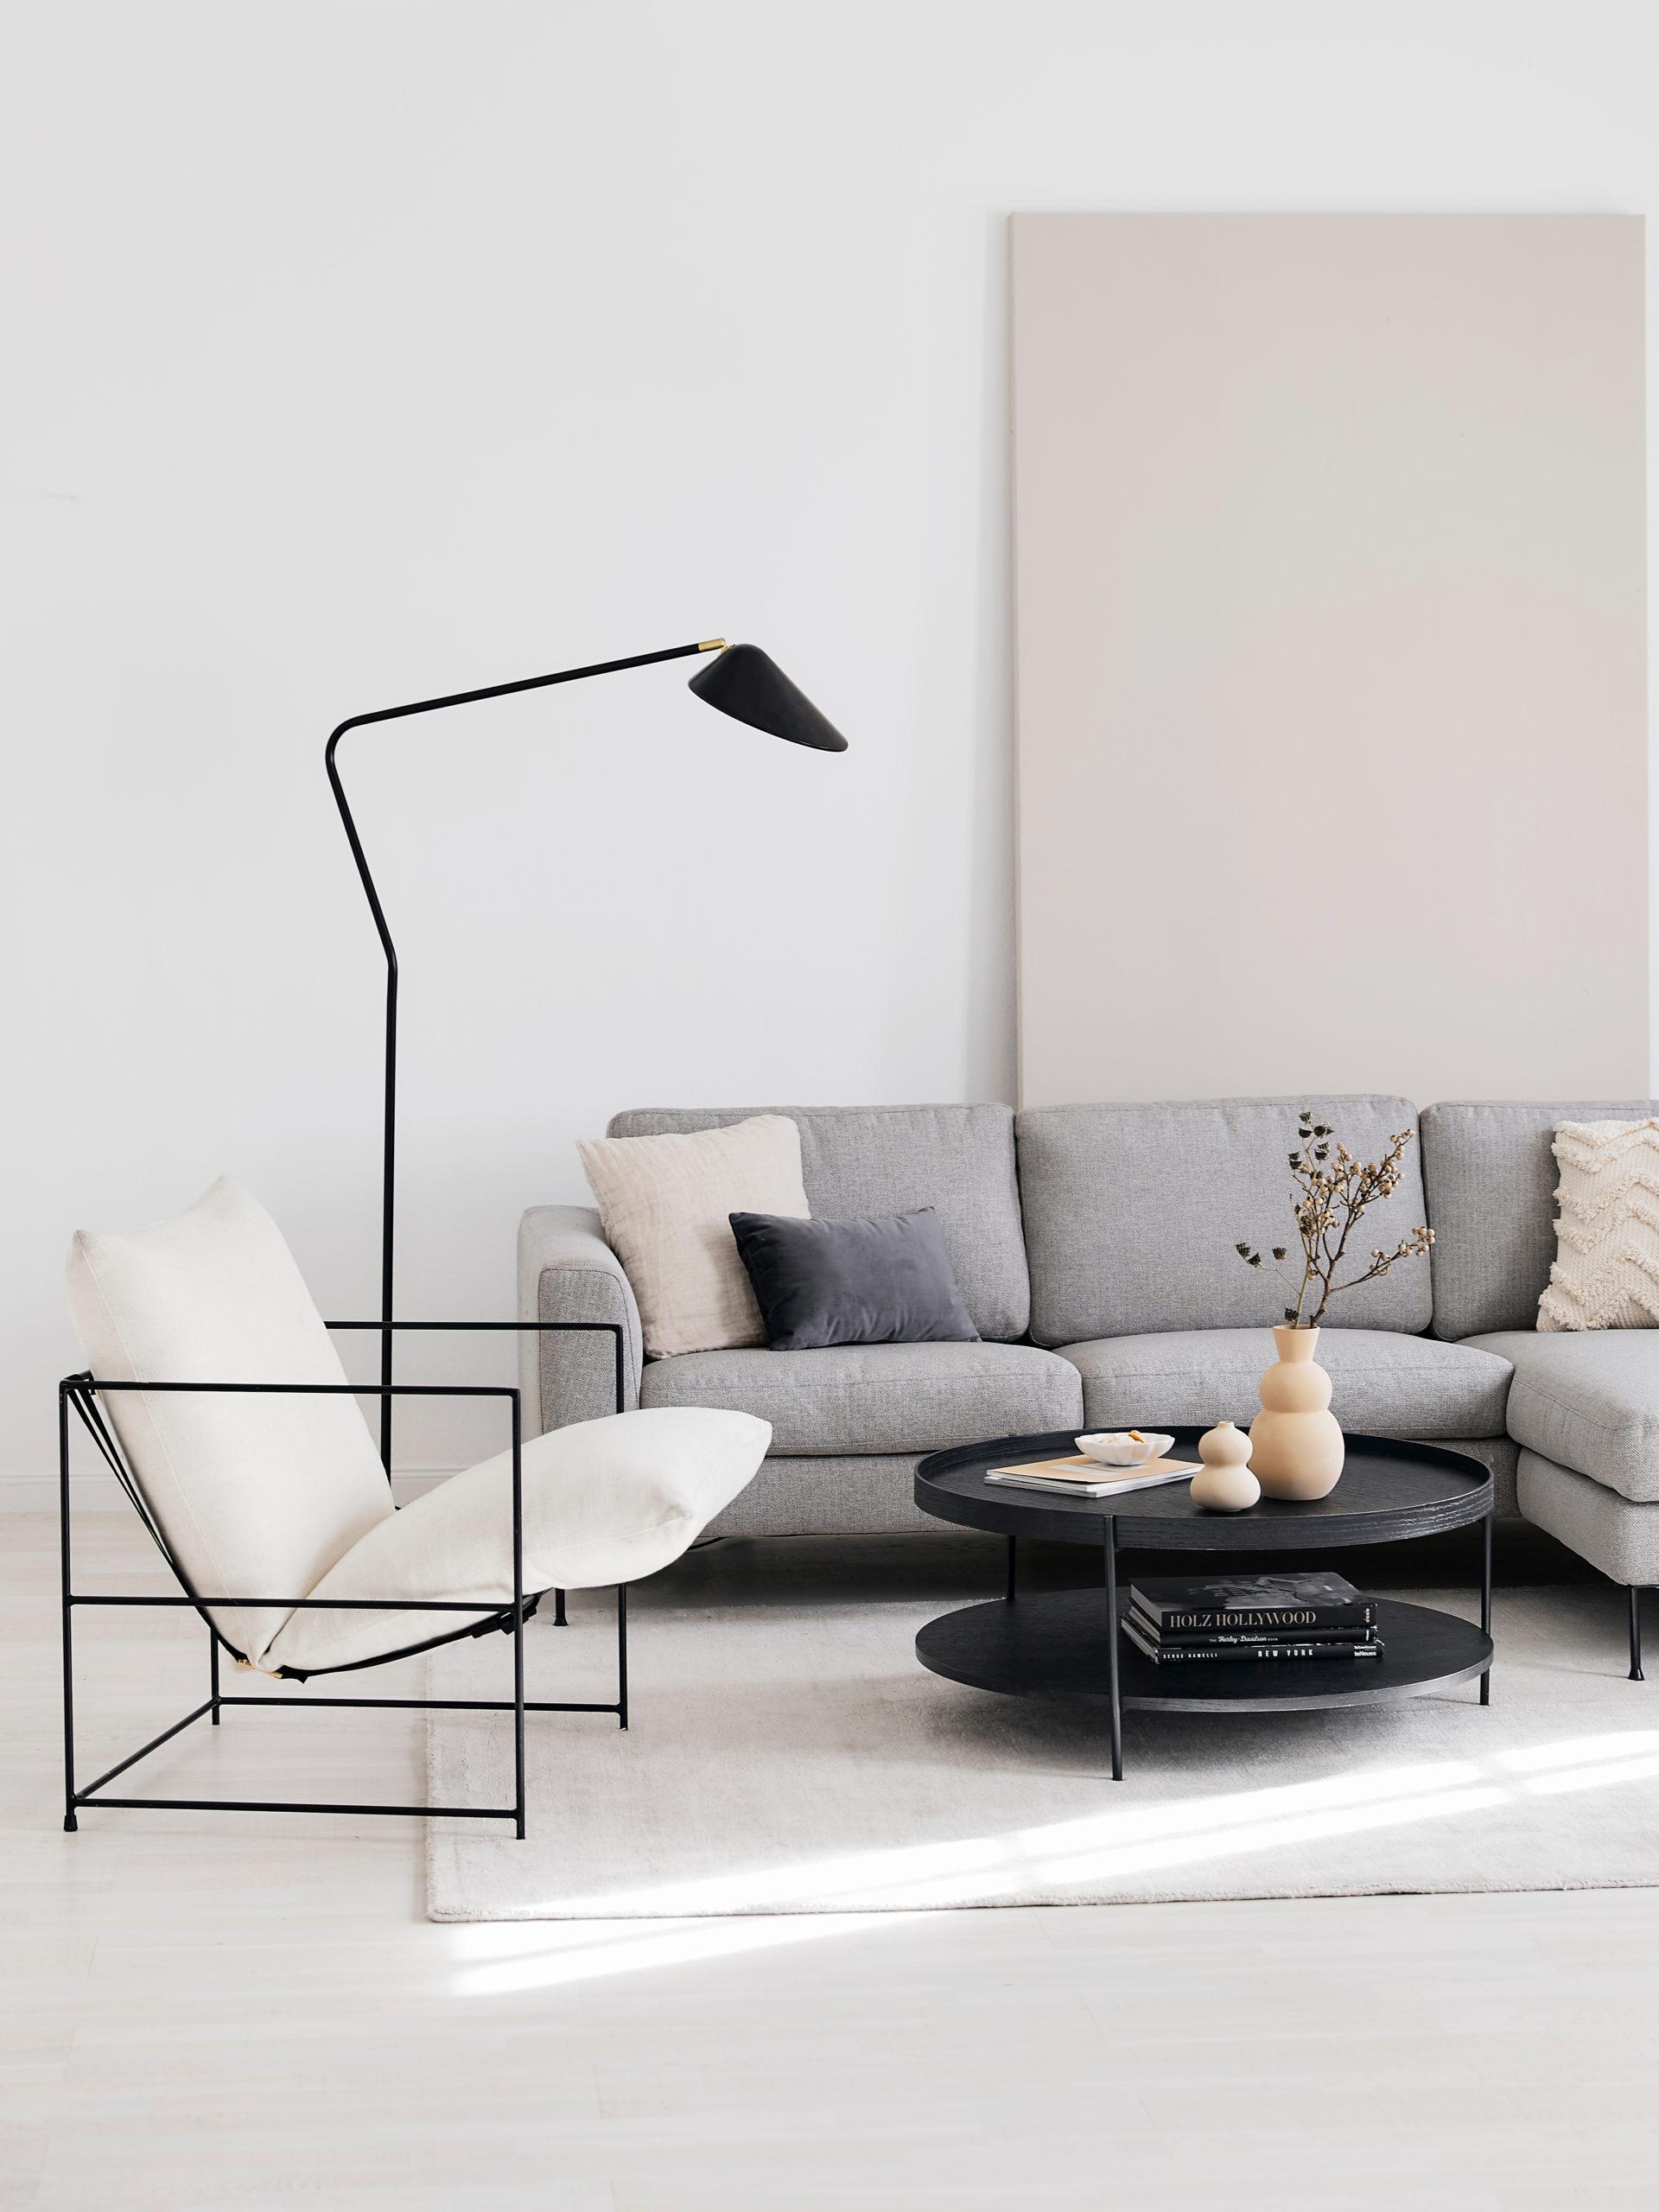 Salon avec canapé gris, fauteuil blanc, lampadaire noir et table basse ronde noire